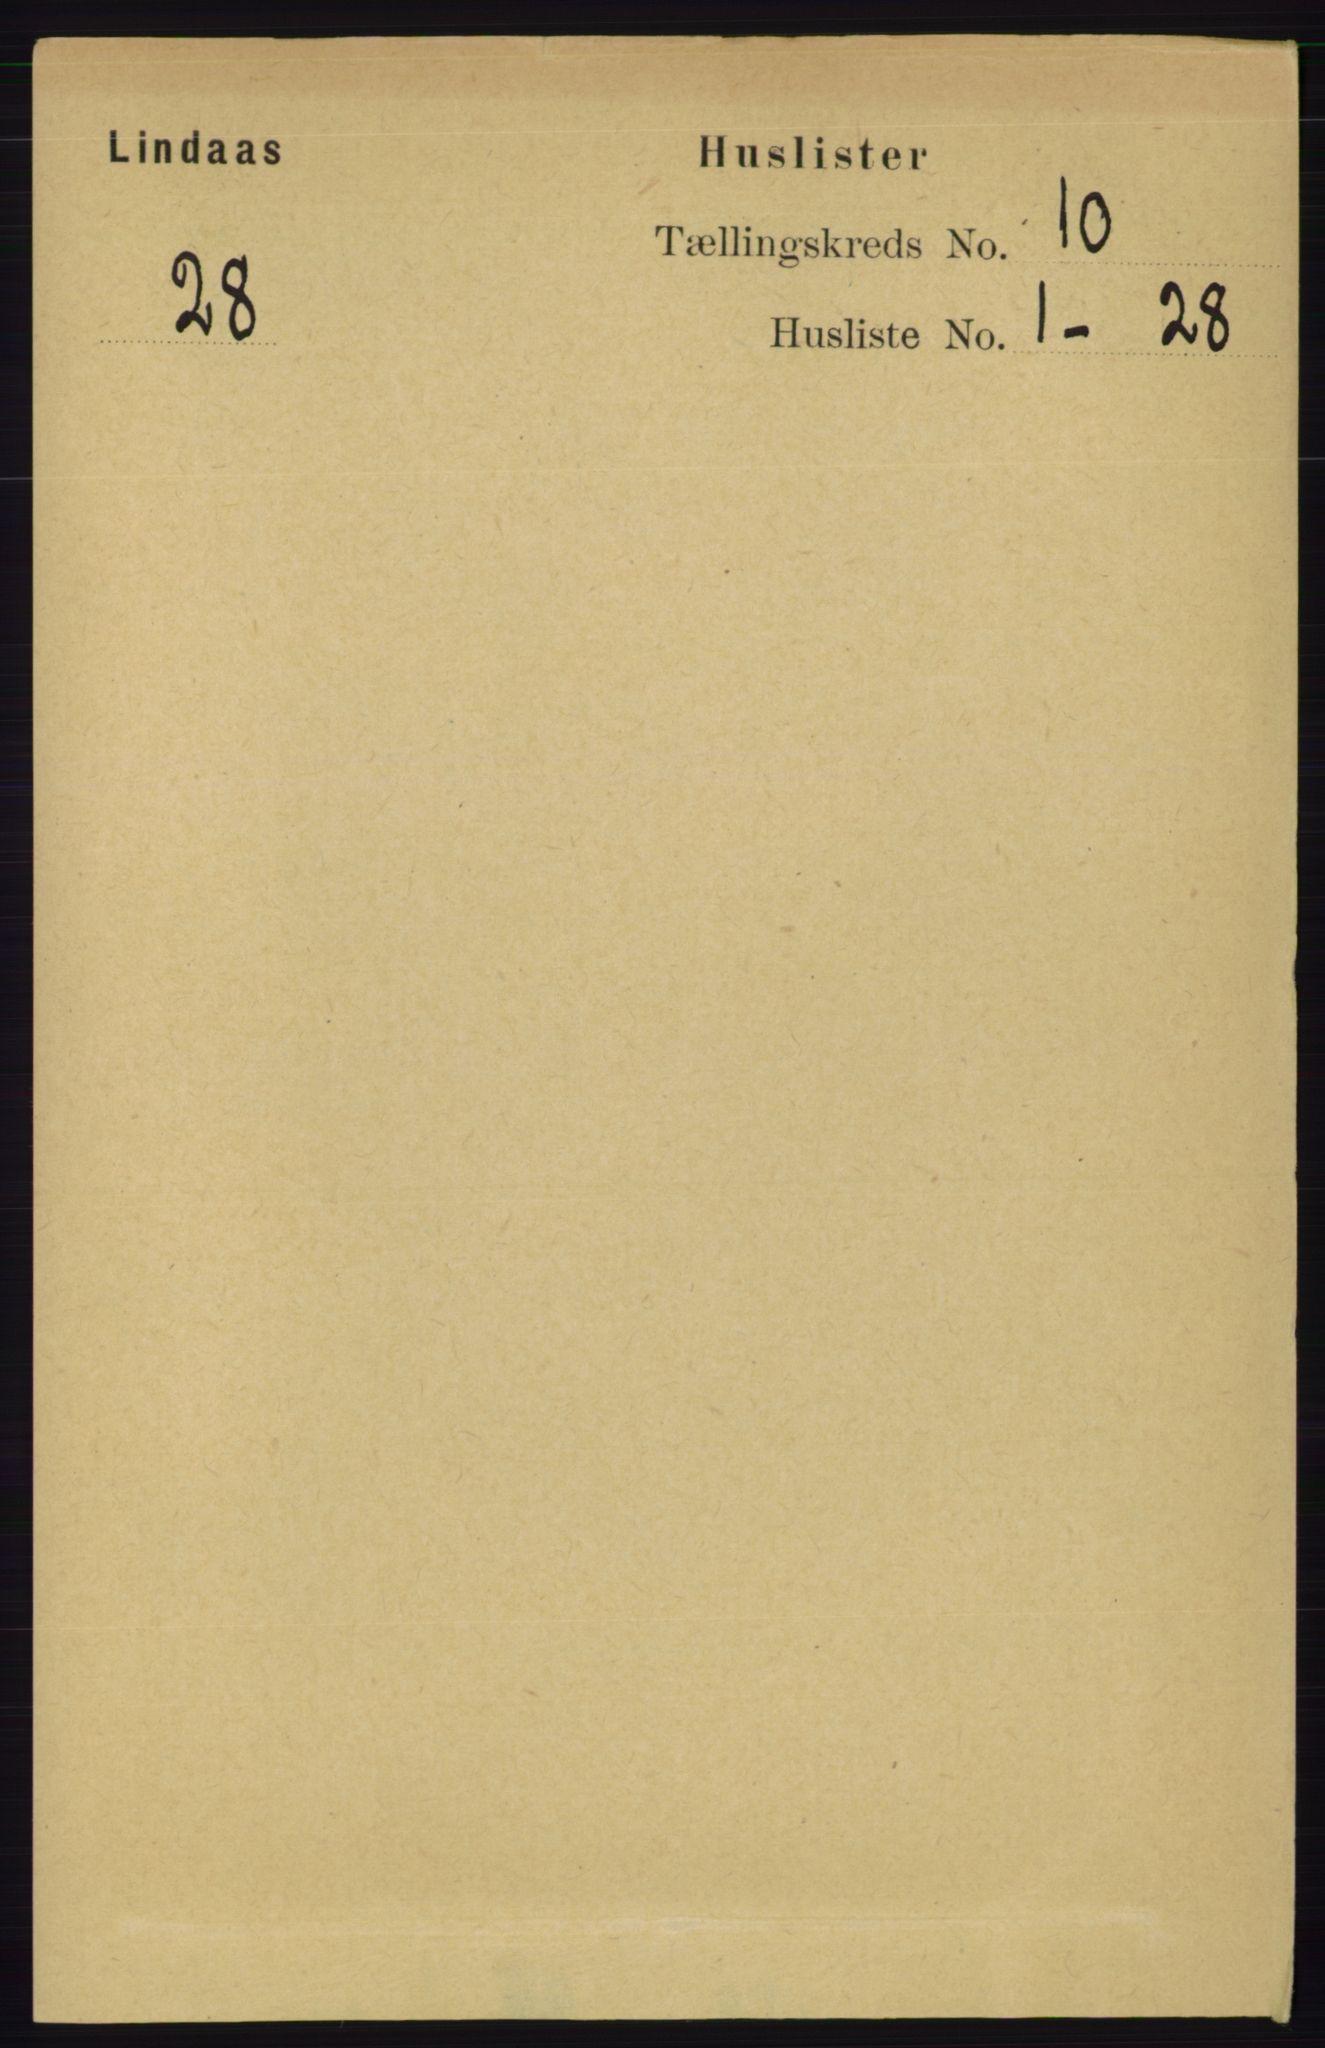 RA, Folketelling 1891 for 1263 Lindås herred, 1891, s. 3374